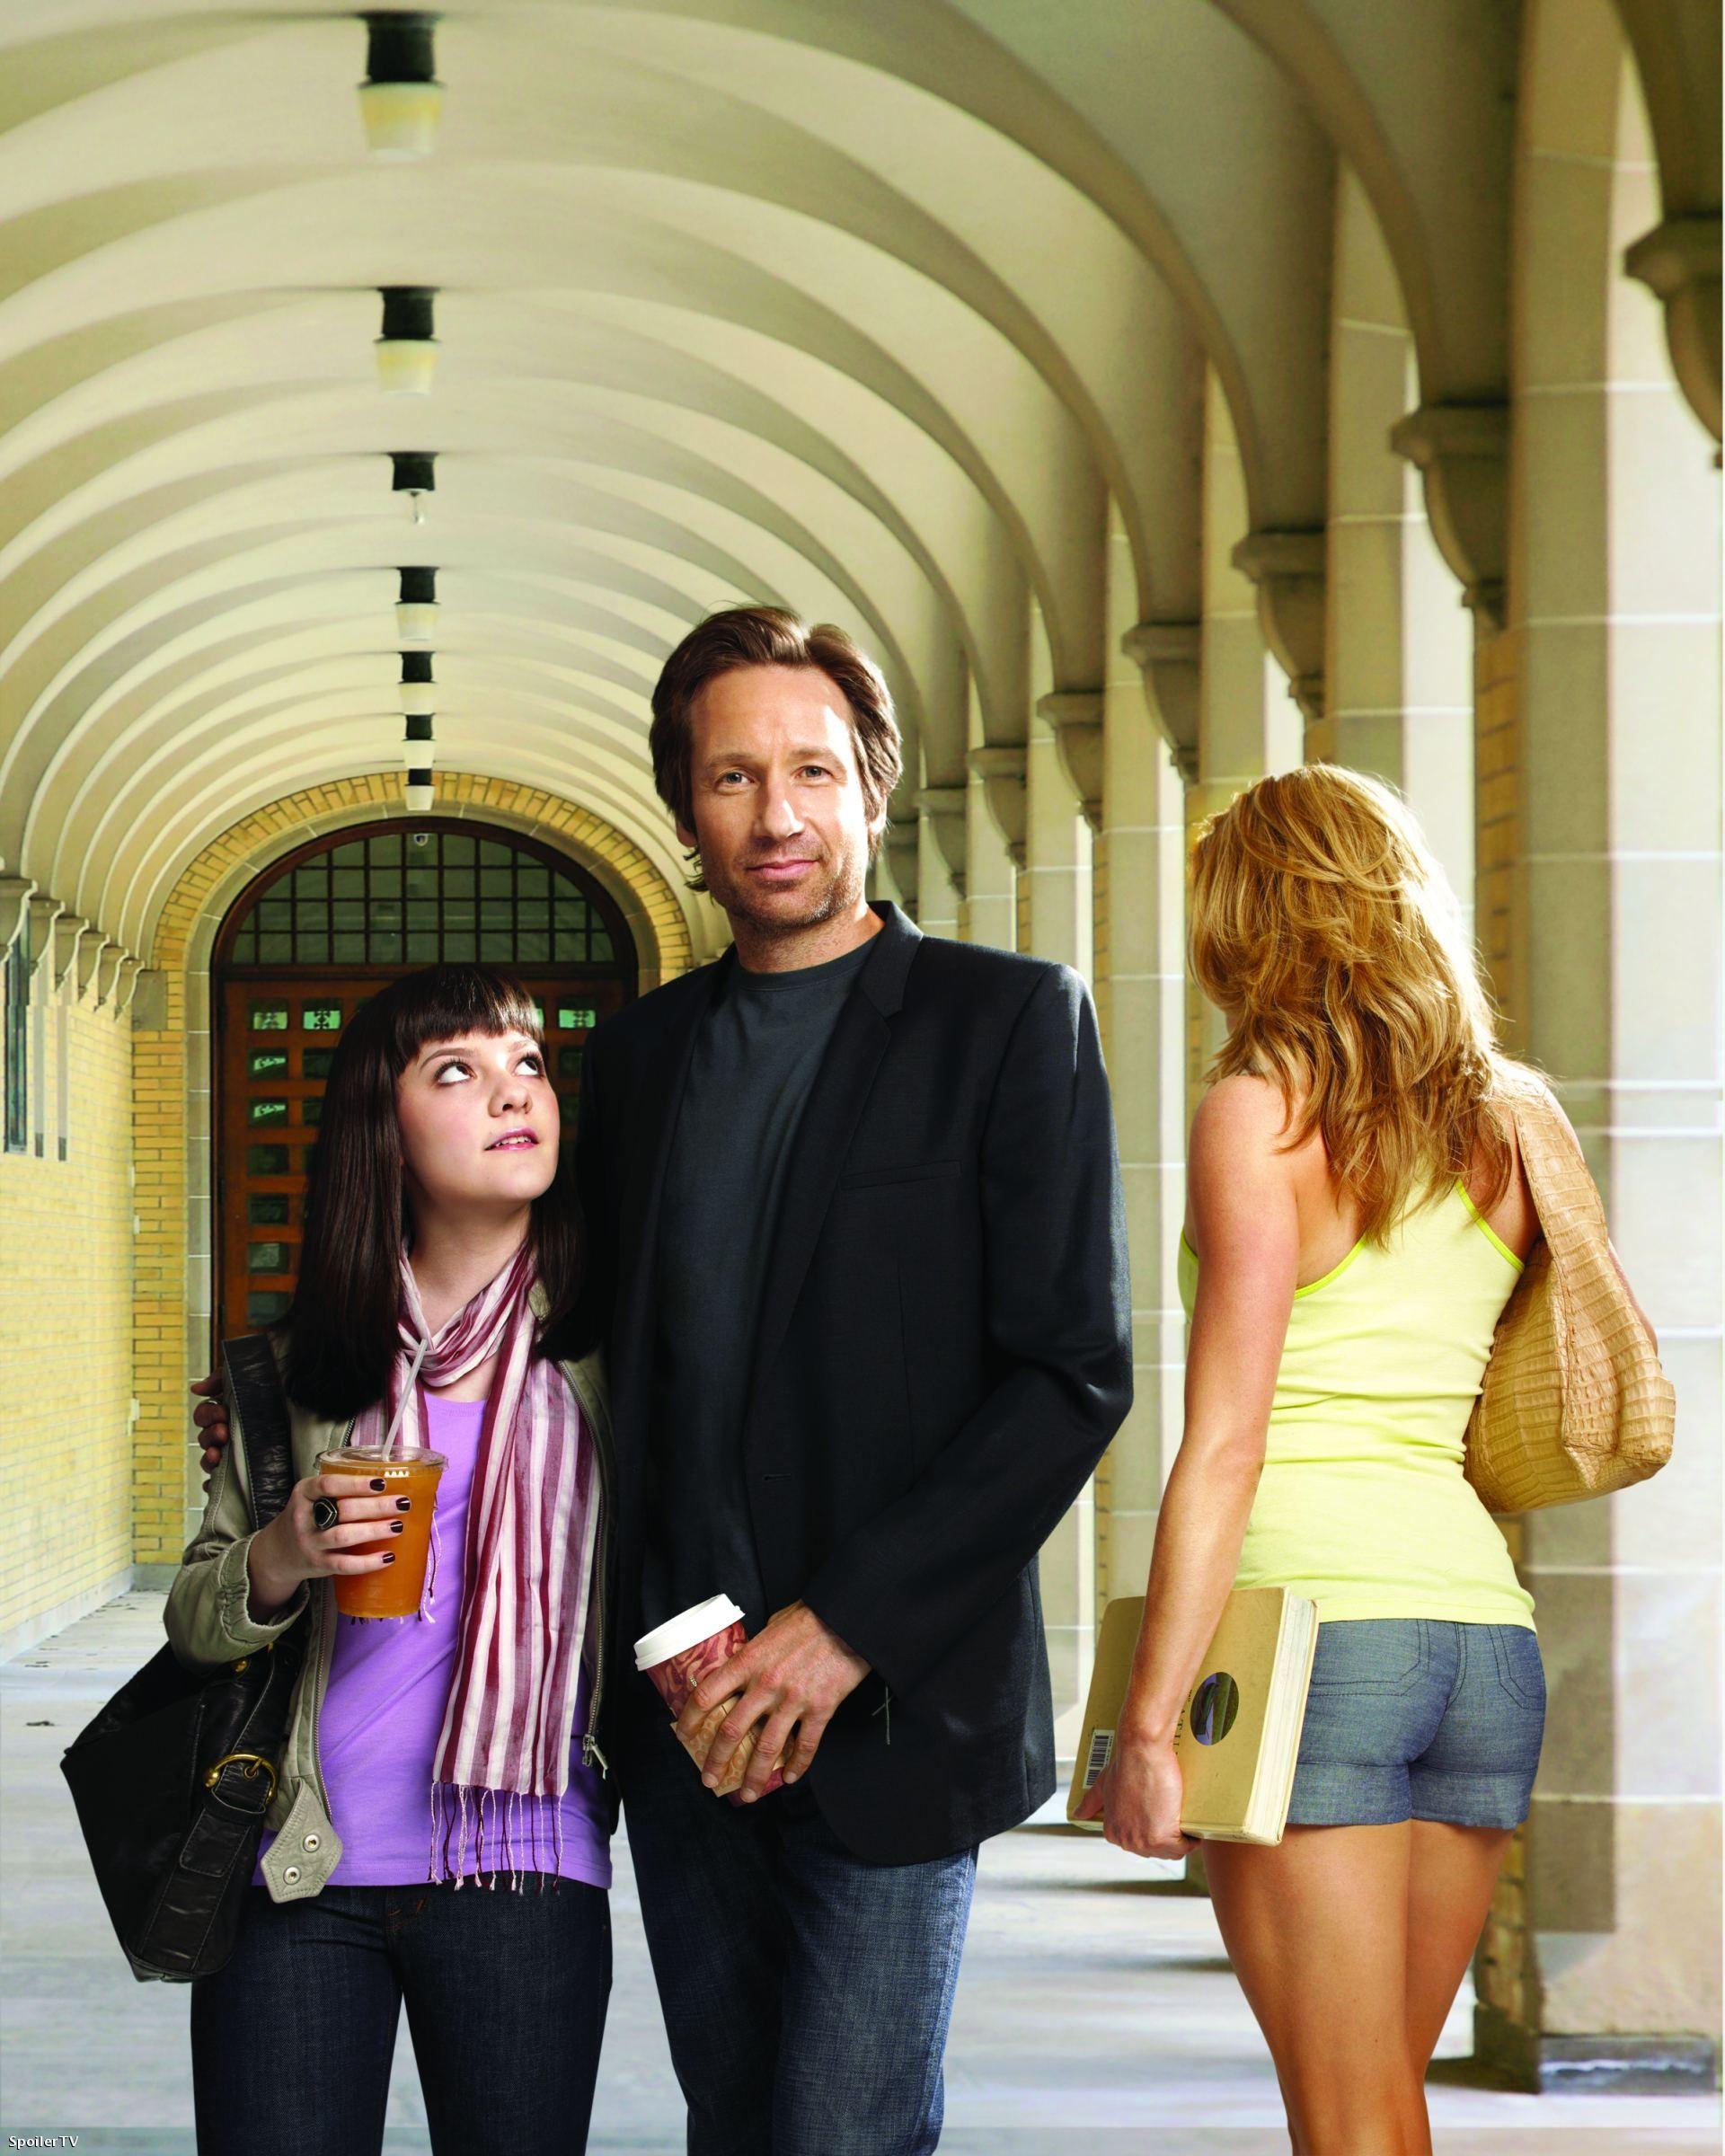 блудливая калифорния 4 серия 1 сезон смотреть онлайн